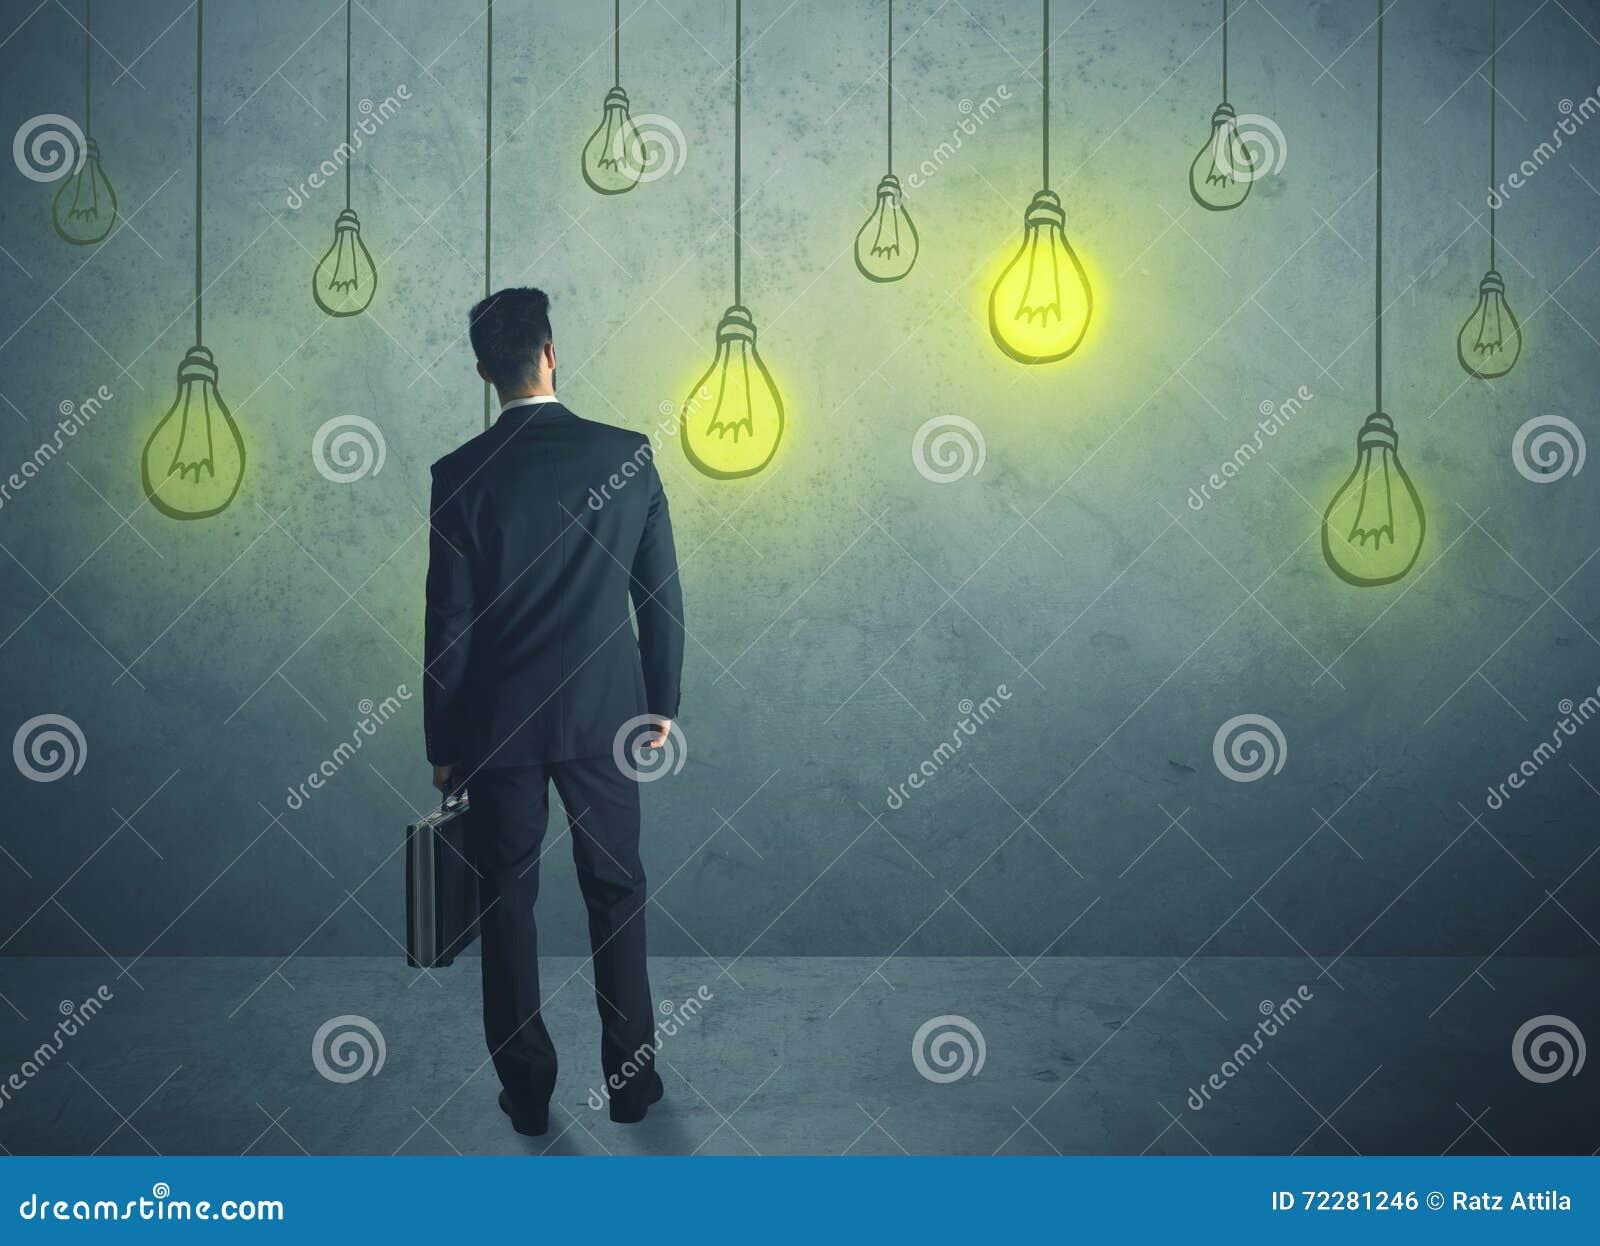 Download Шарики освещения смертной казни через повешение Стоковое Фото - изображение насчитывающей concept, творческо: 72281246